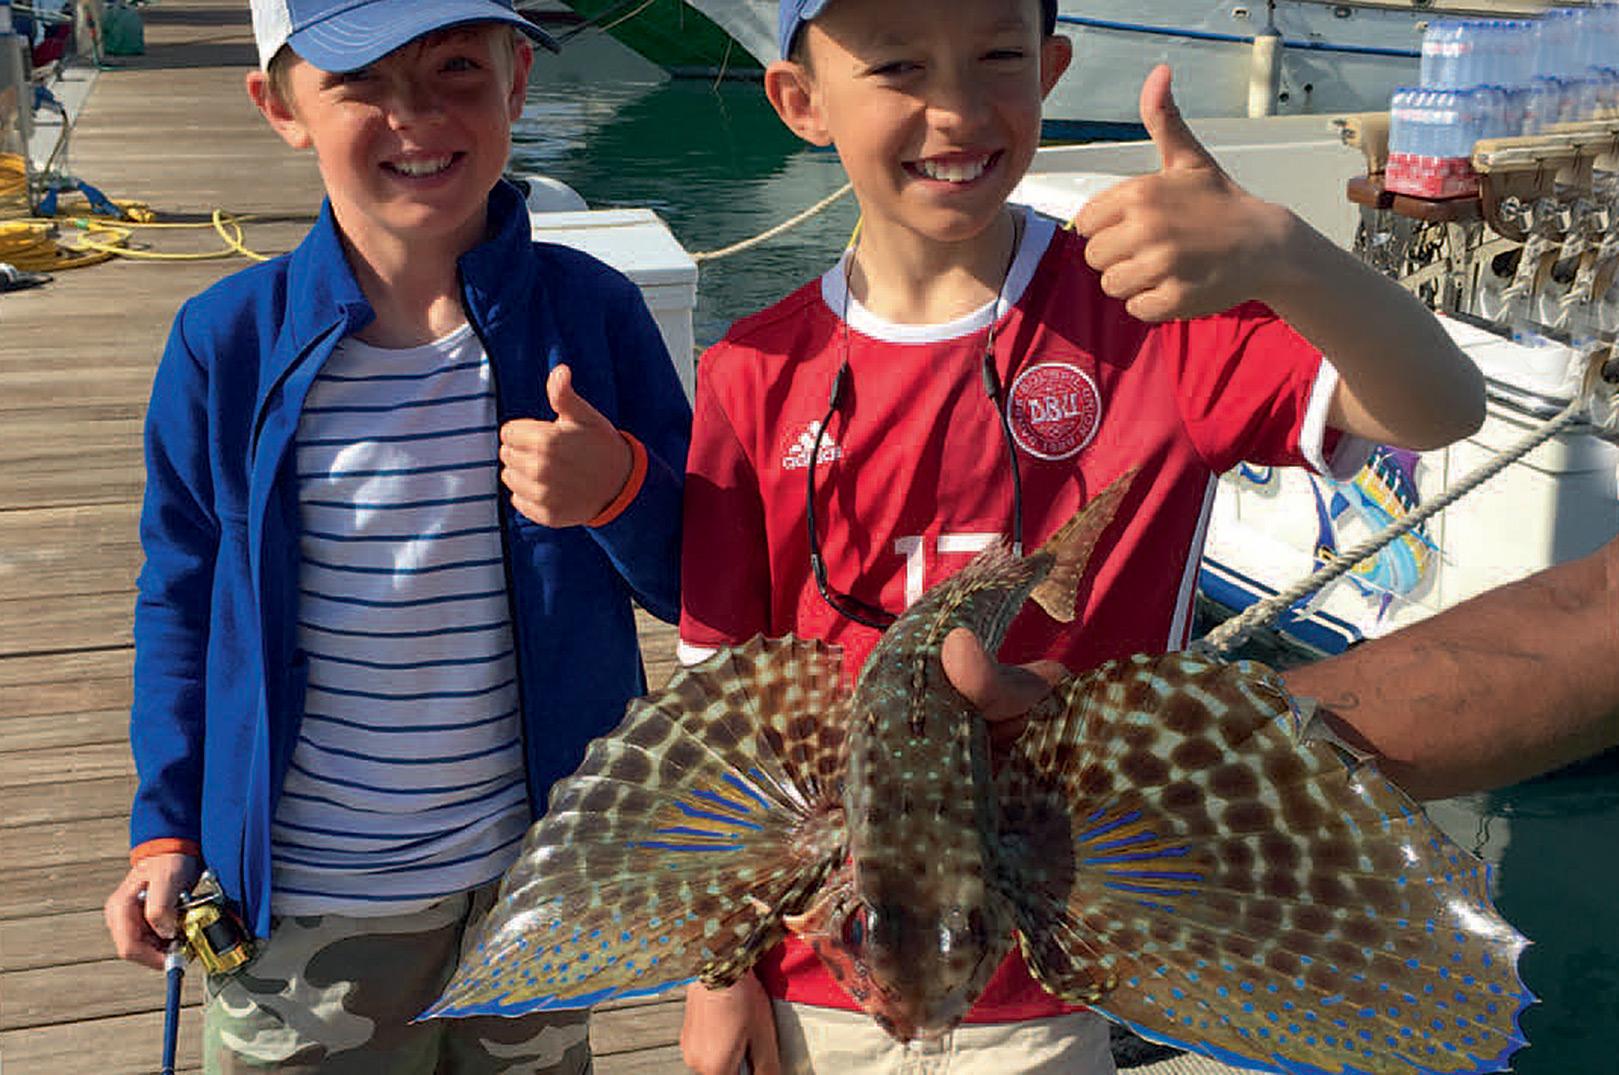 Chrisitan er altid med på at fange nogle sjove fisk på det lette grej.